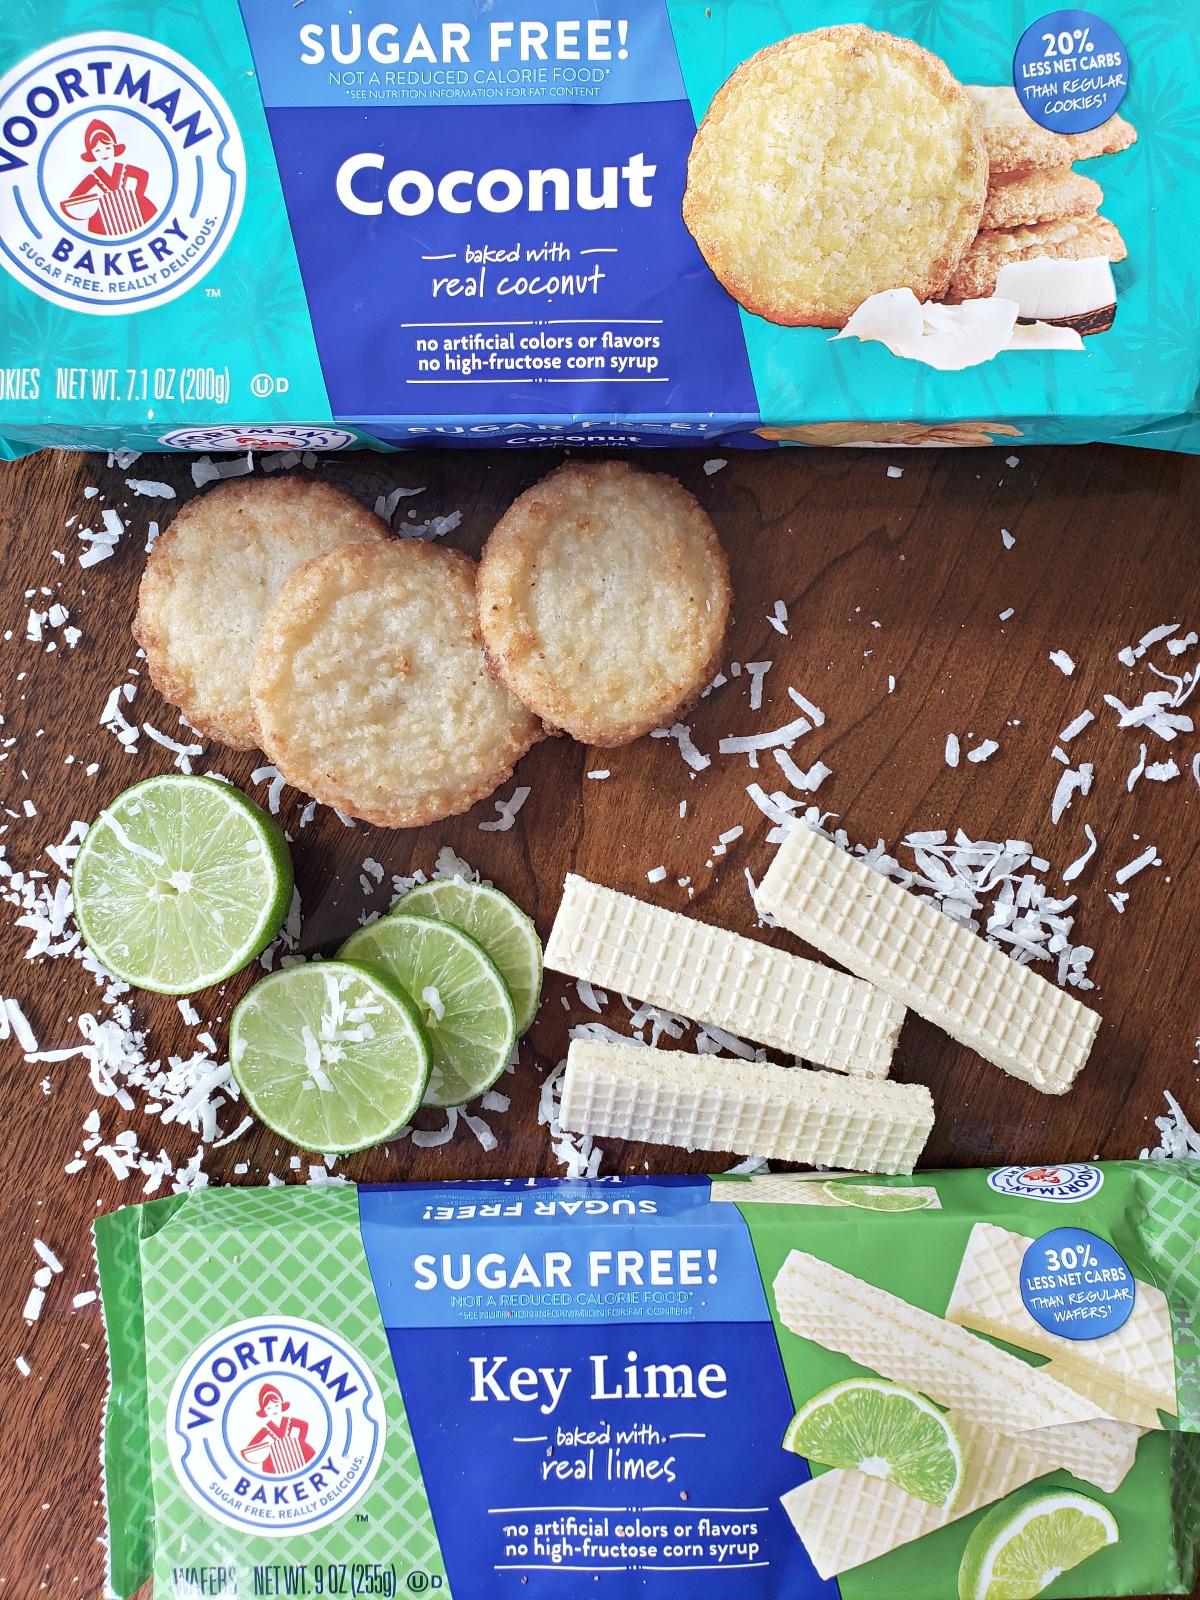 Voortman Sugar Free Wafers and Cookies